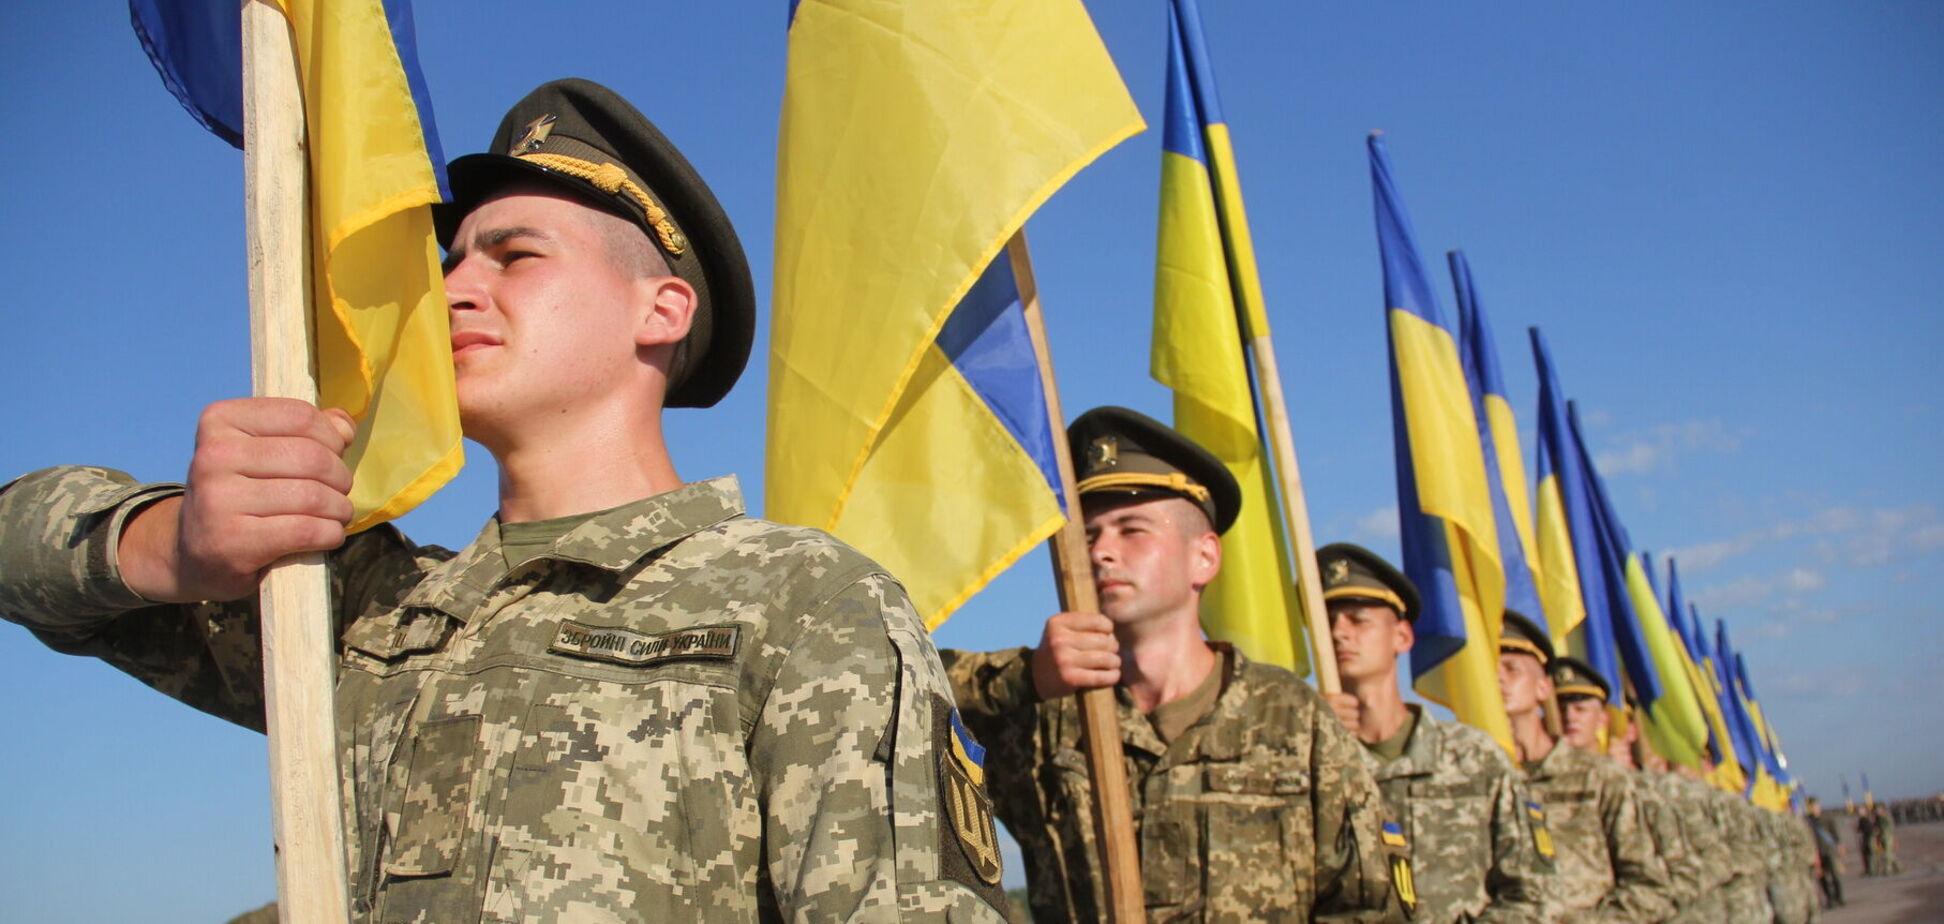 День захисника України 2020 року припадає на середу